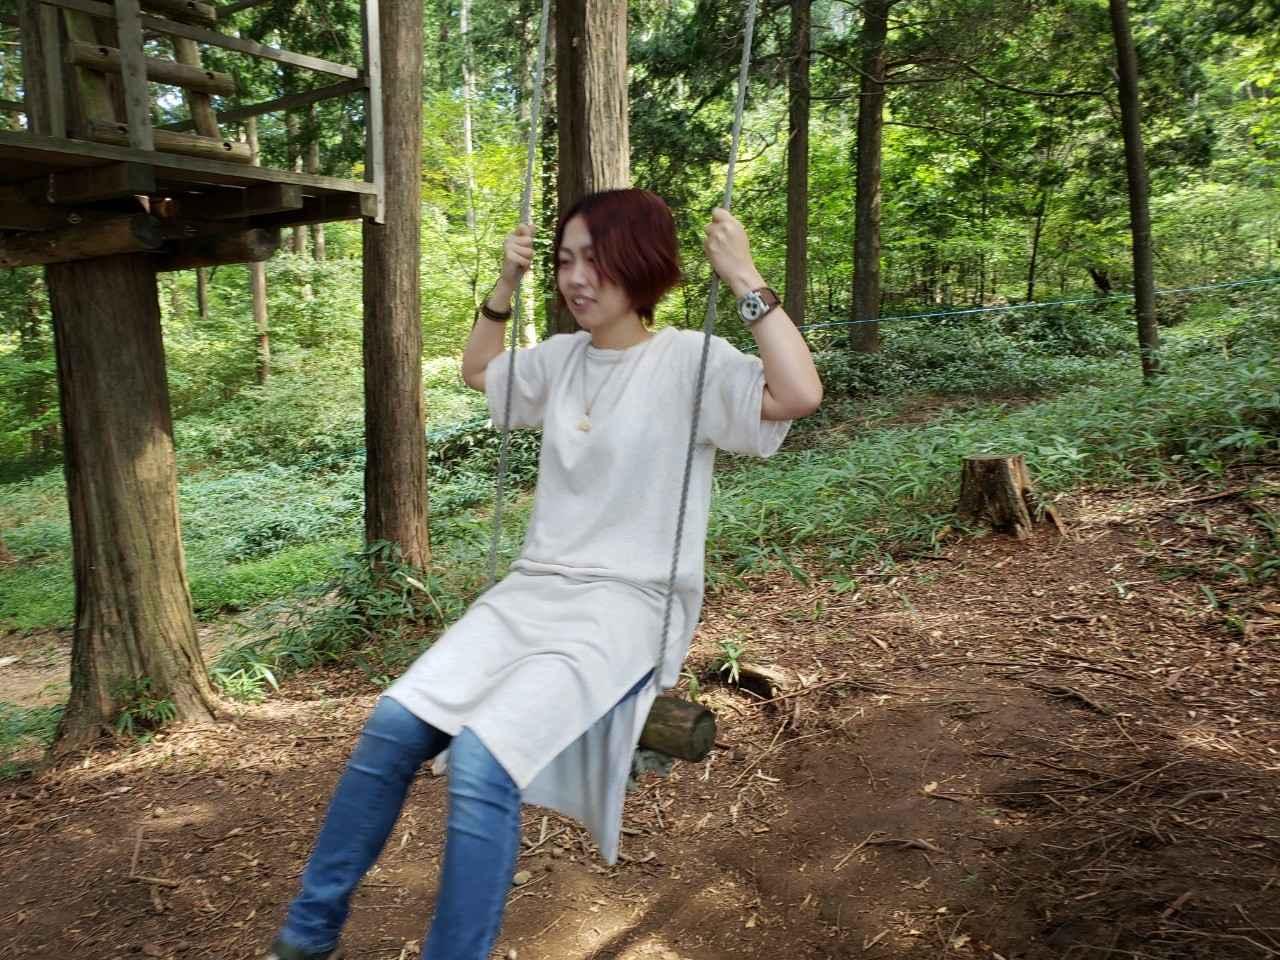 画像: 筆者友人撮影 hamada-ayano.com